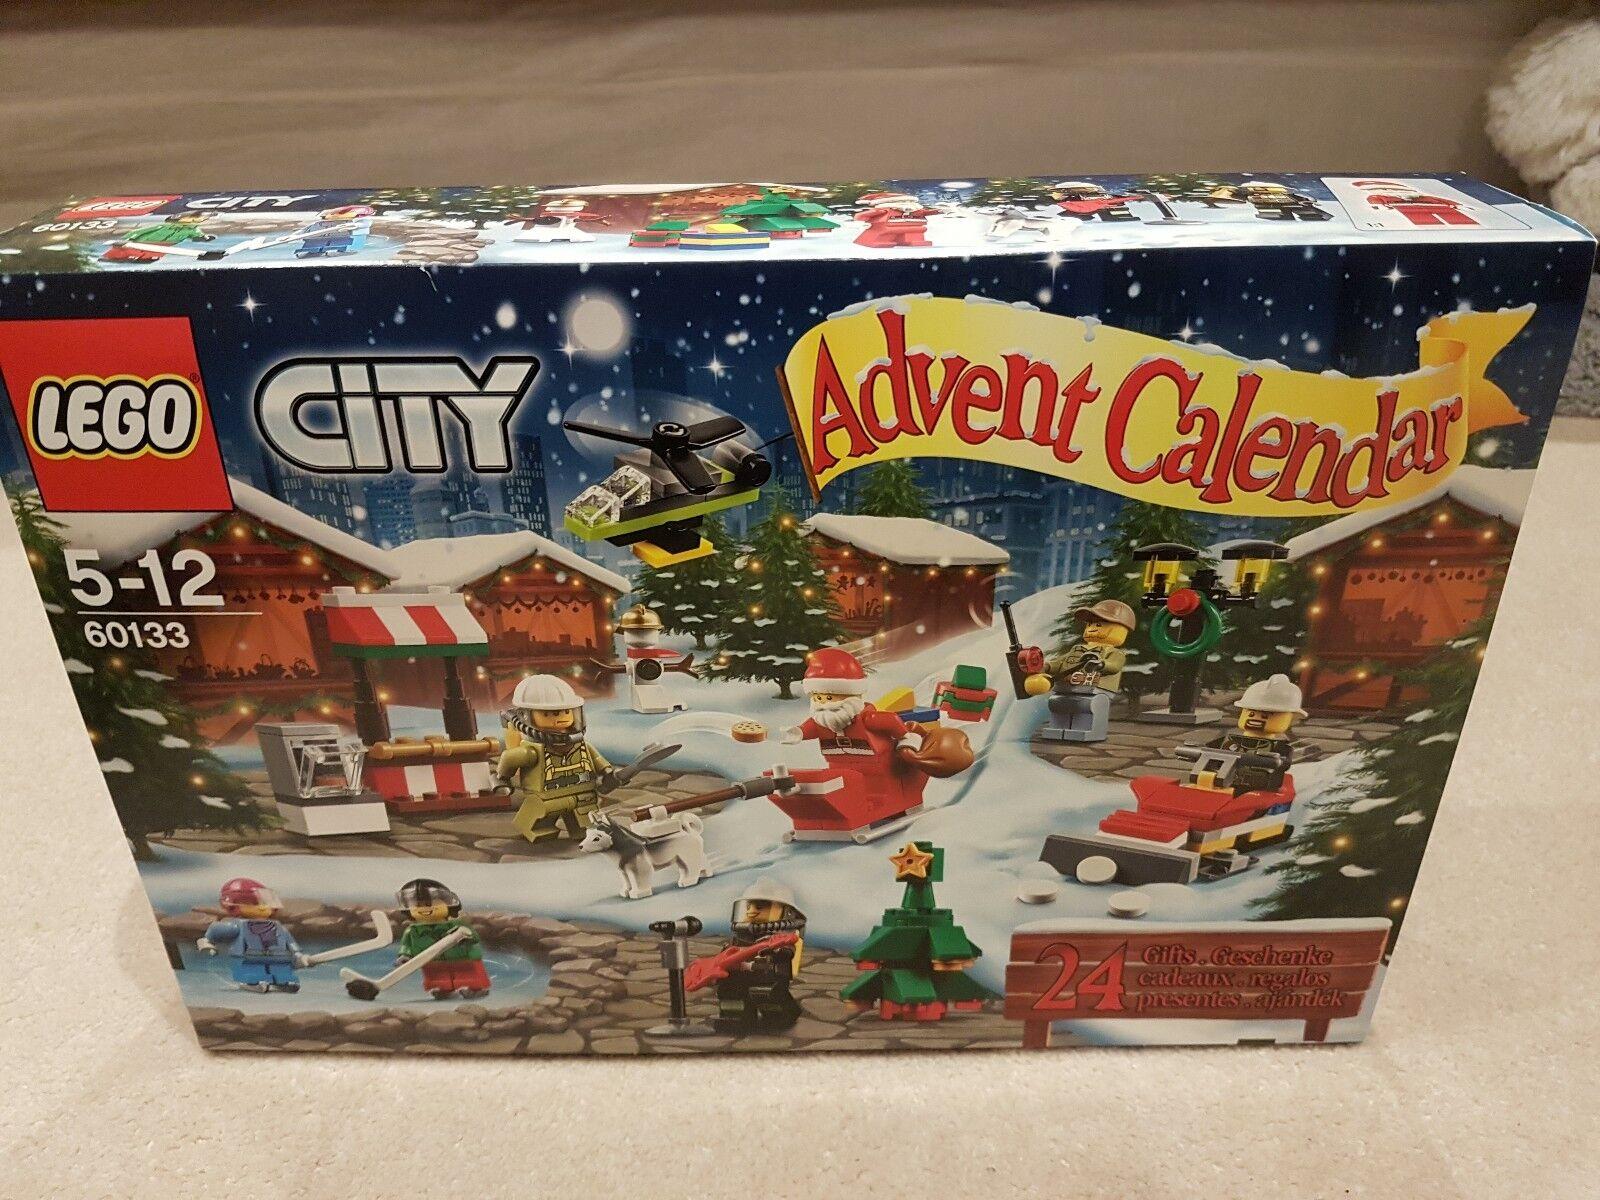 LEGO City 60133 Advent Calendar  BNIB Christmas RARE 2016 RETIRED SET MINT